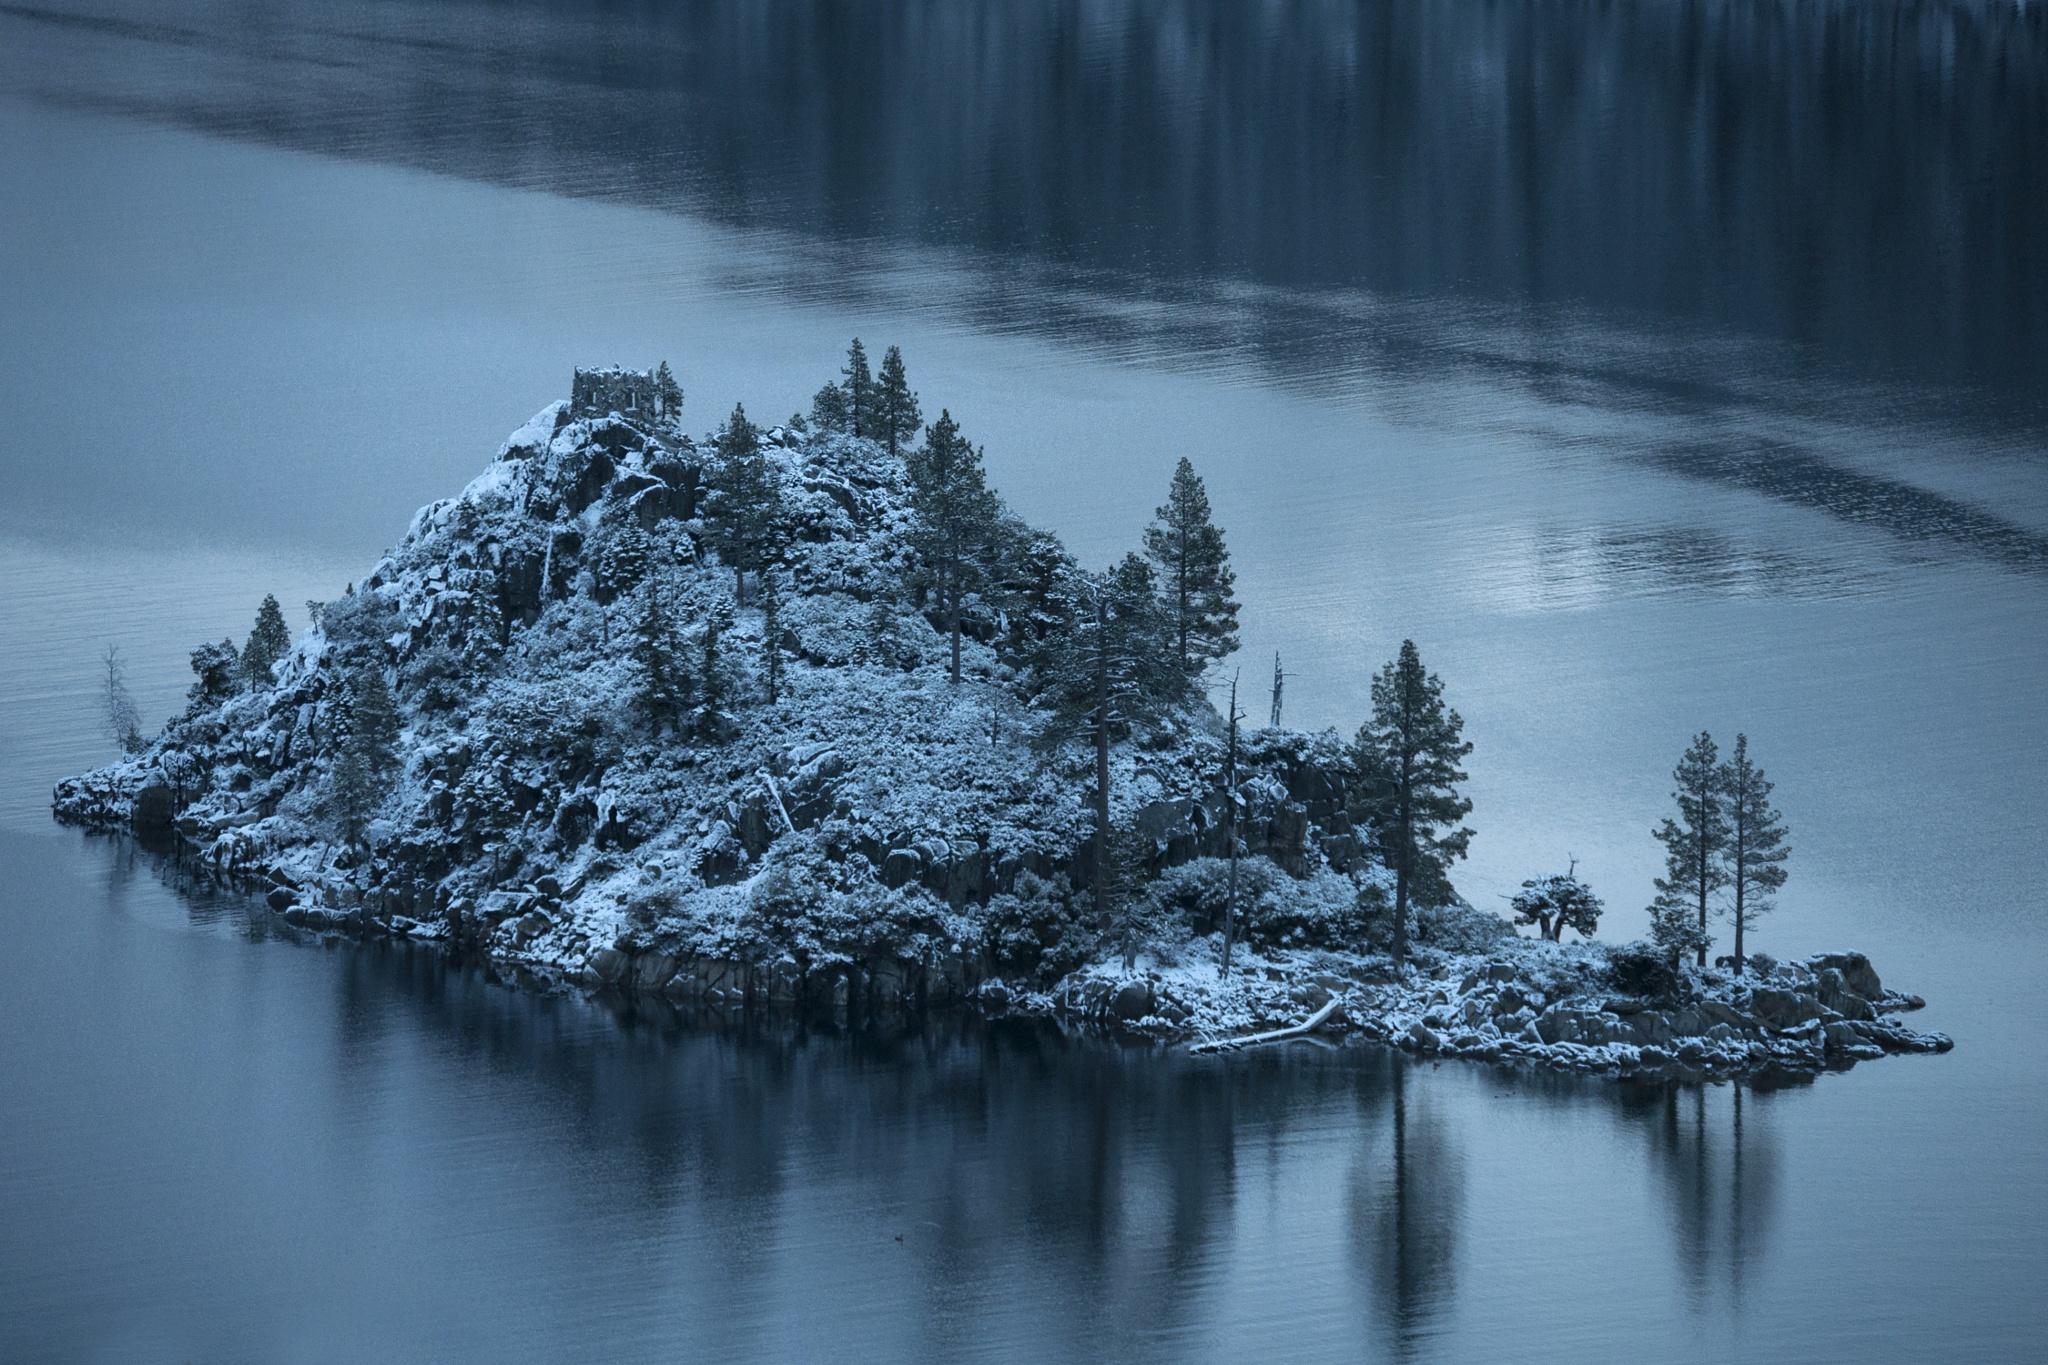 Fannette Island, Emerald Bay by Neal Lacroix